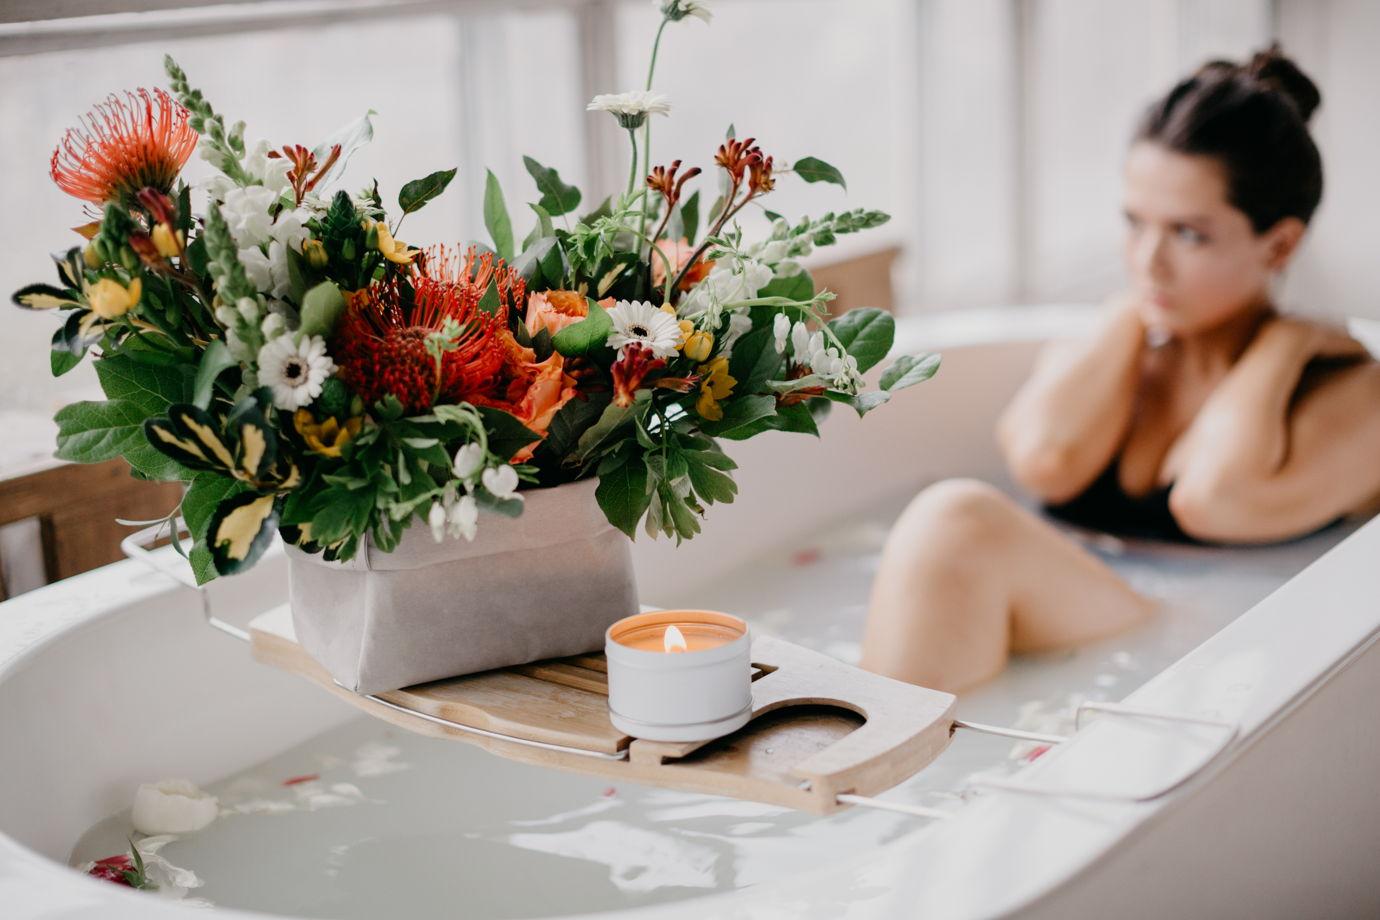 Композиция из живых цветов в крафт-мешочке XL